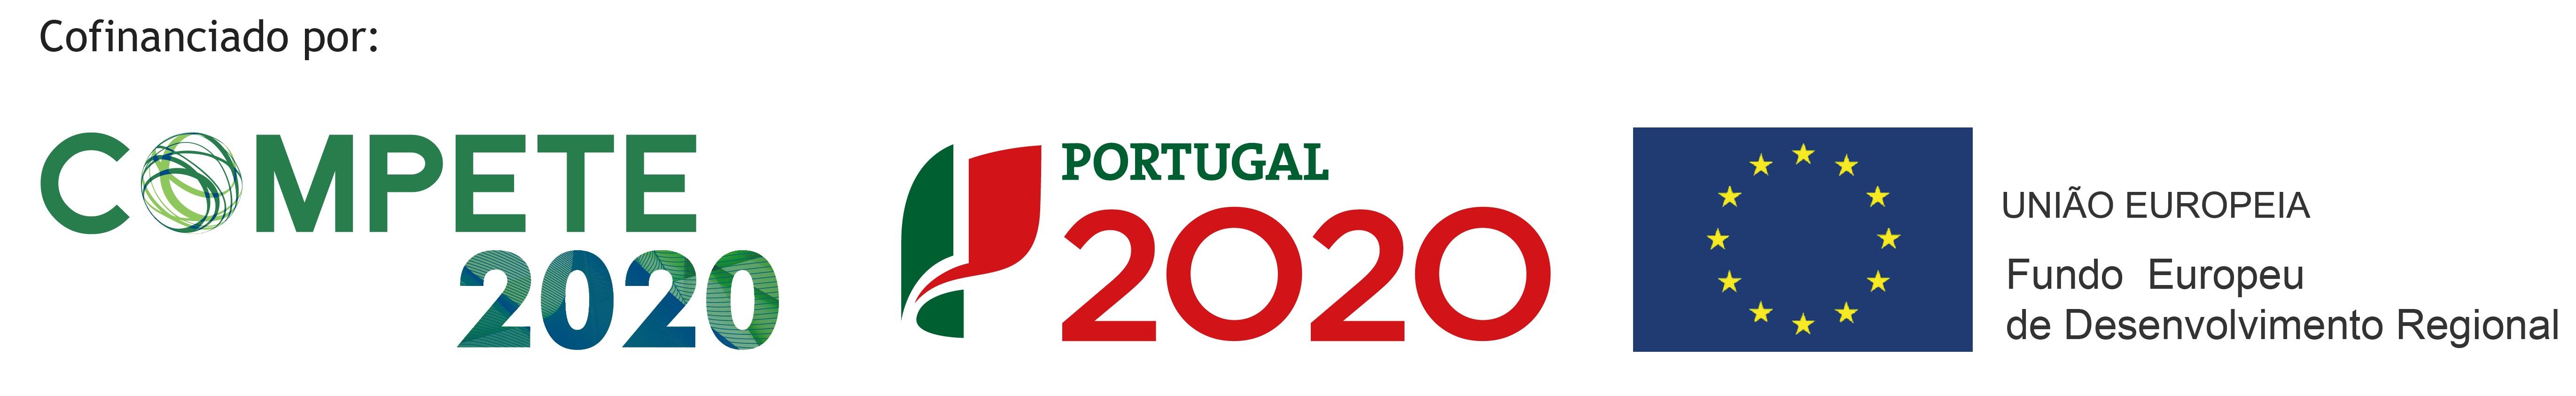 compete2020 portugal2020 União Europeia